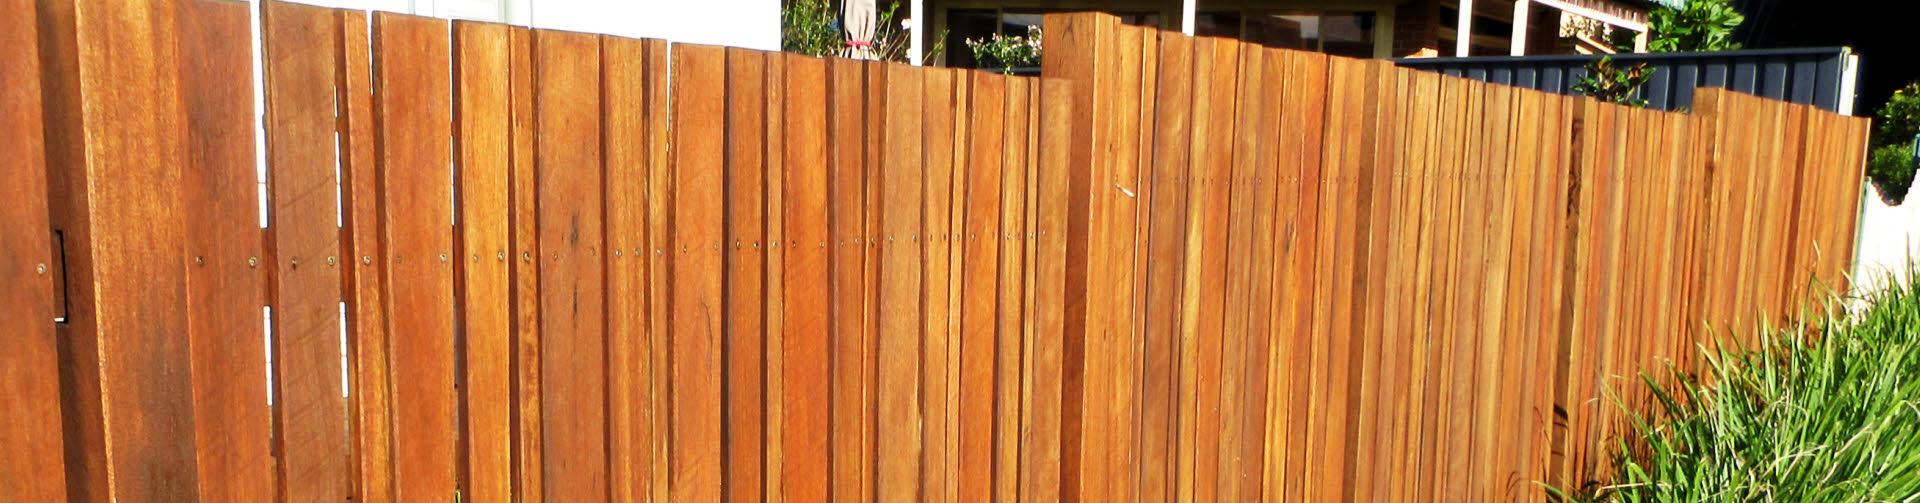 Timber-Fence-iTimber